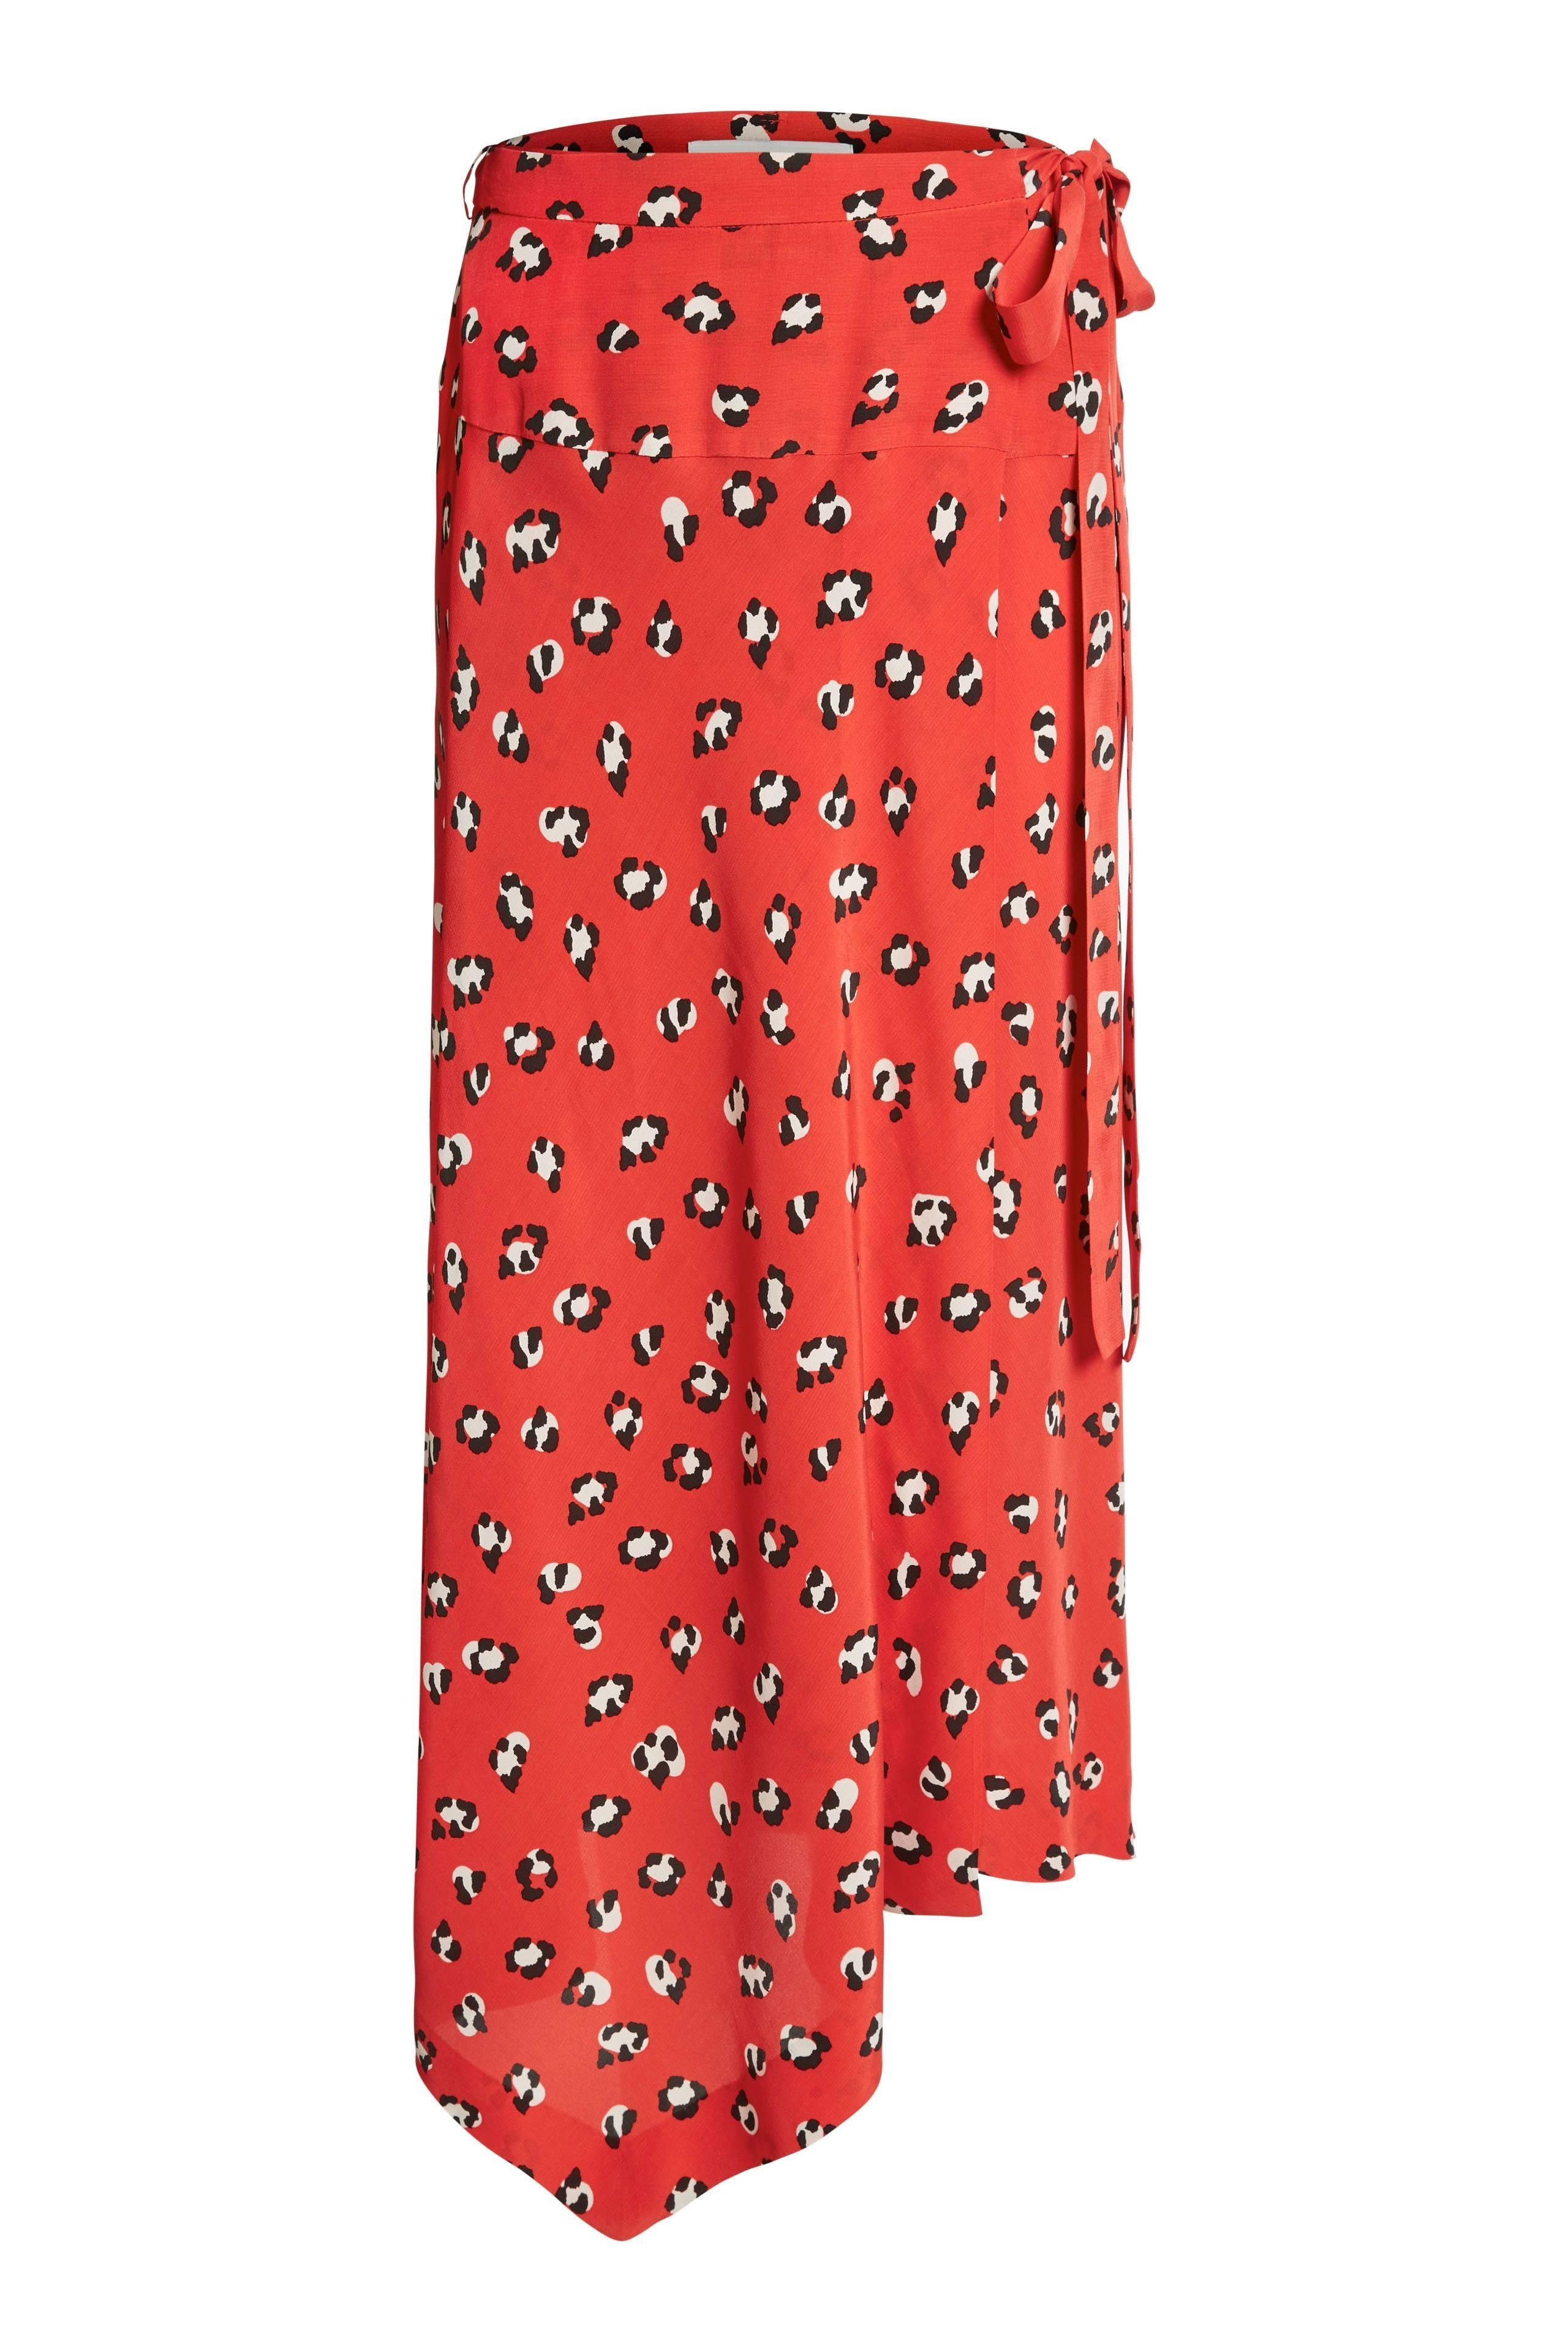 Printed Dipped Hem Skirt OUSK63589